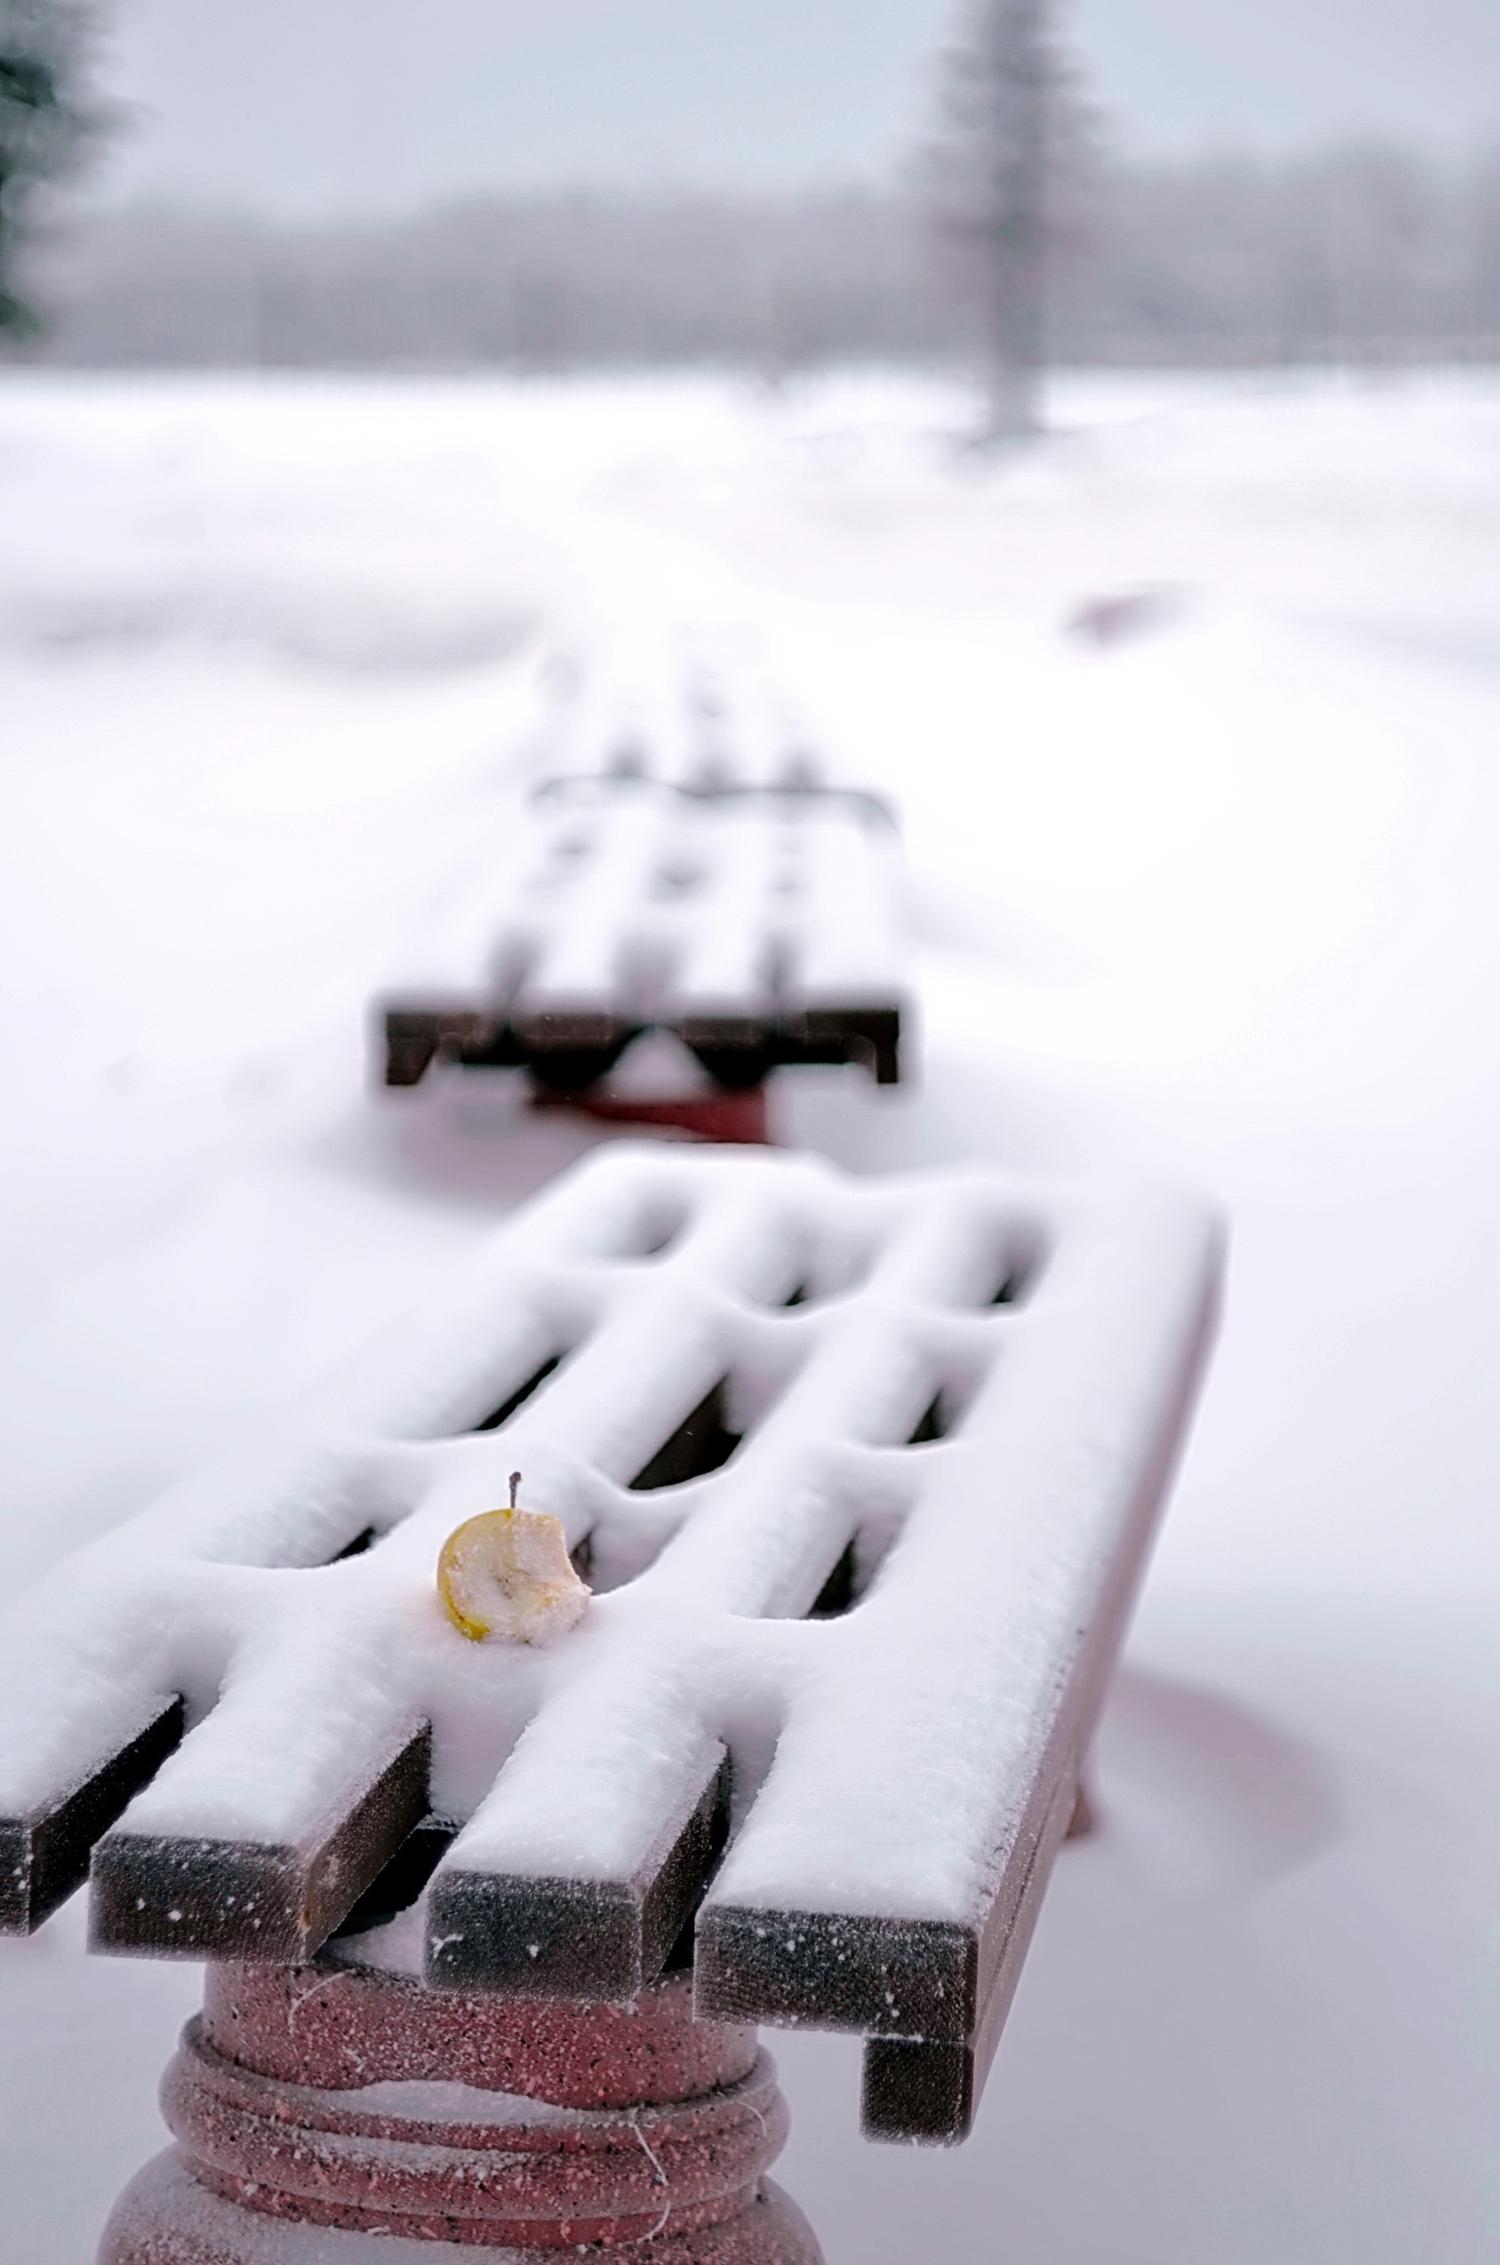 занесённые снегом